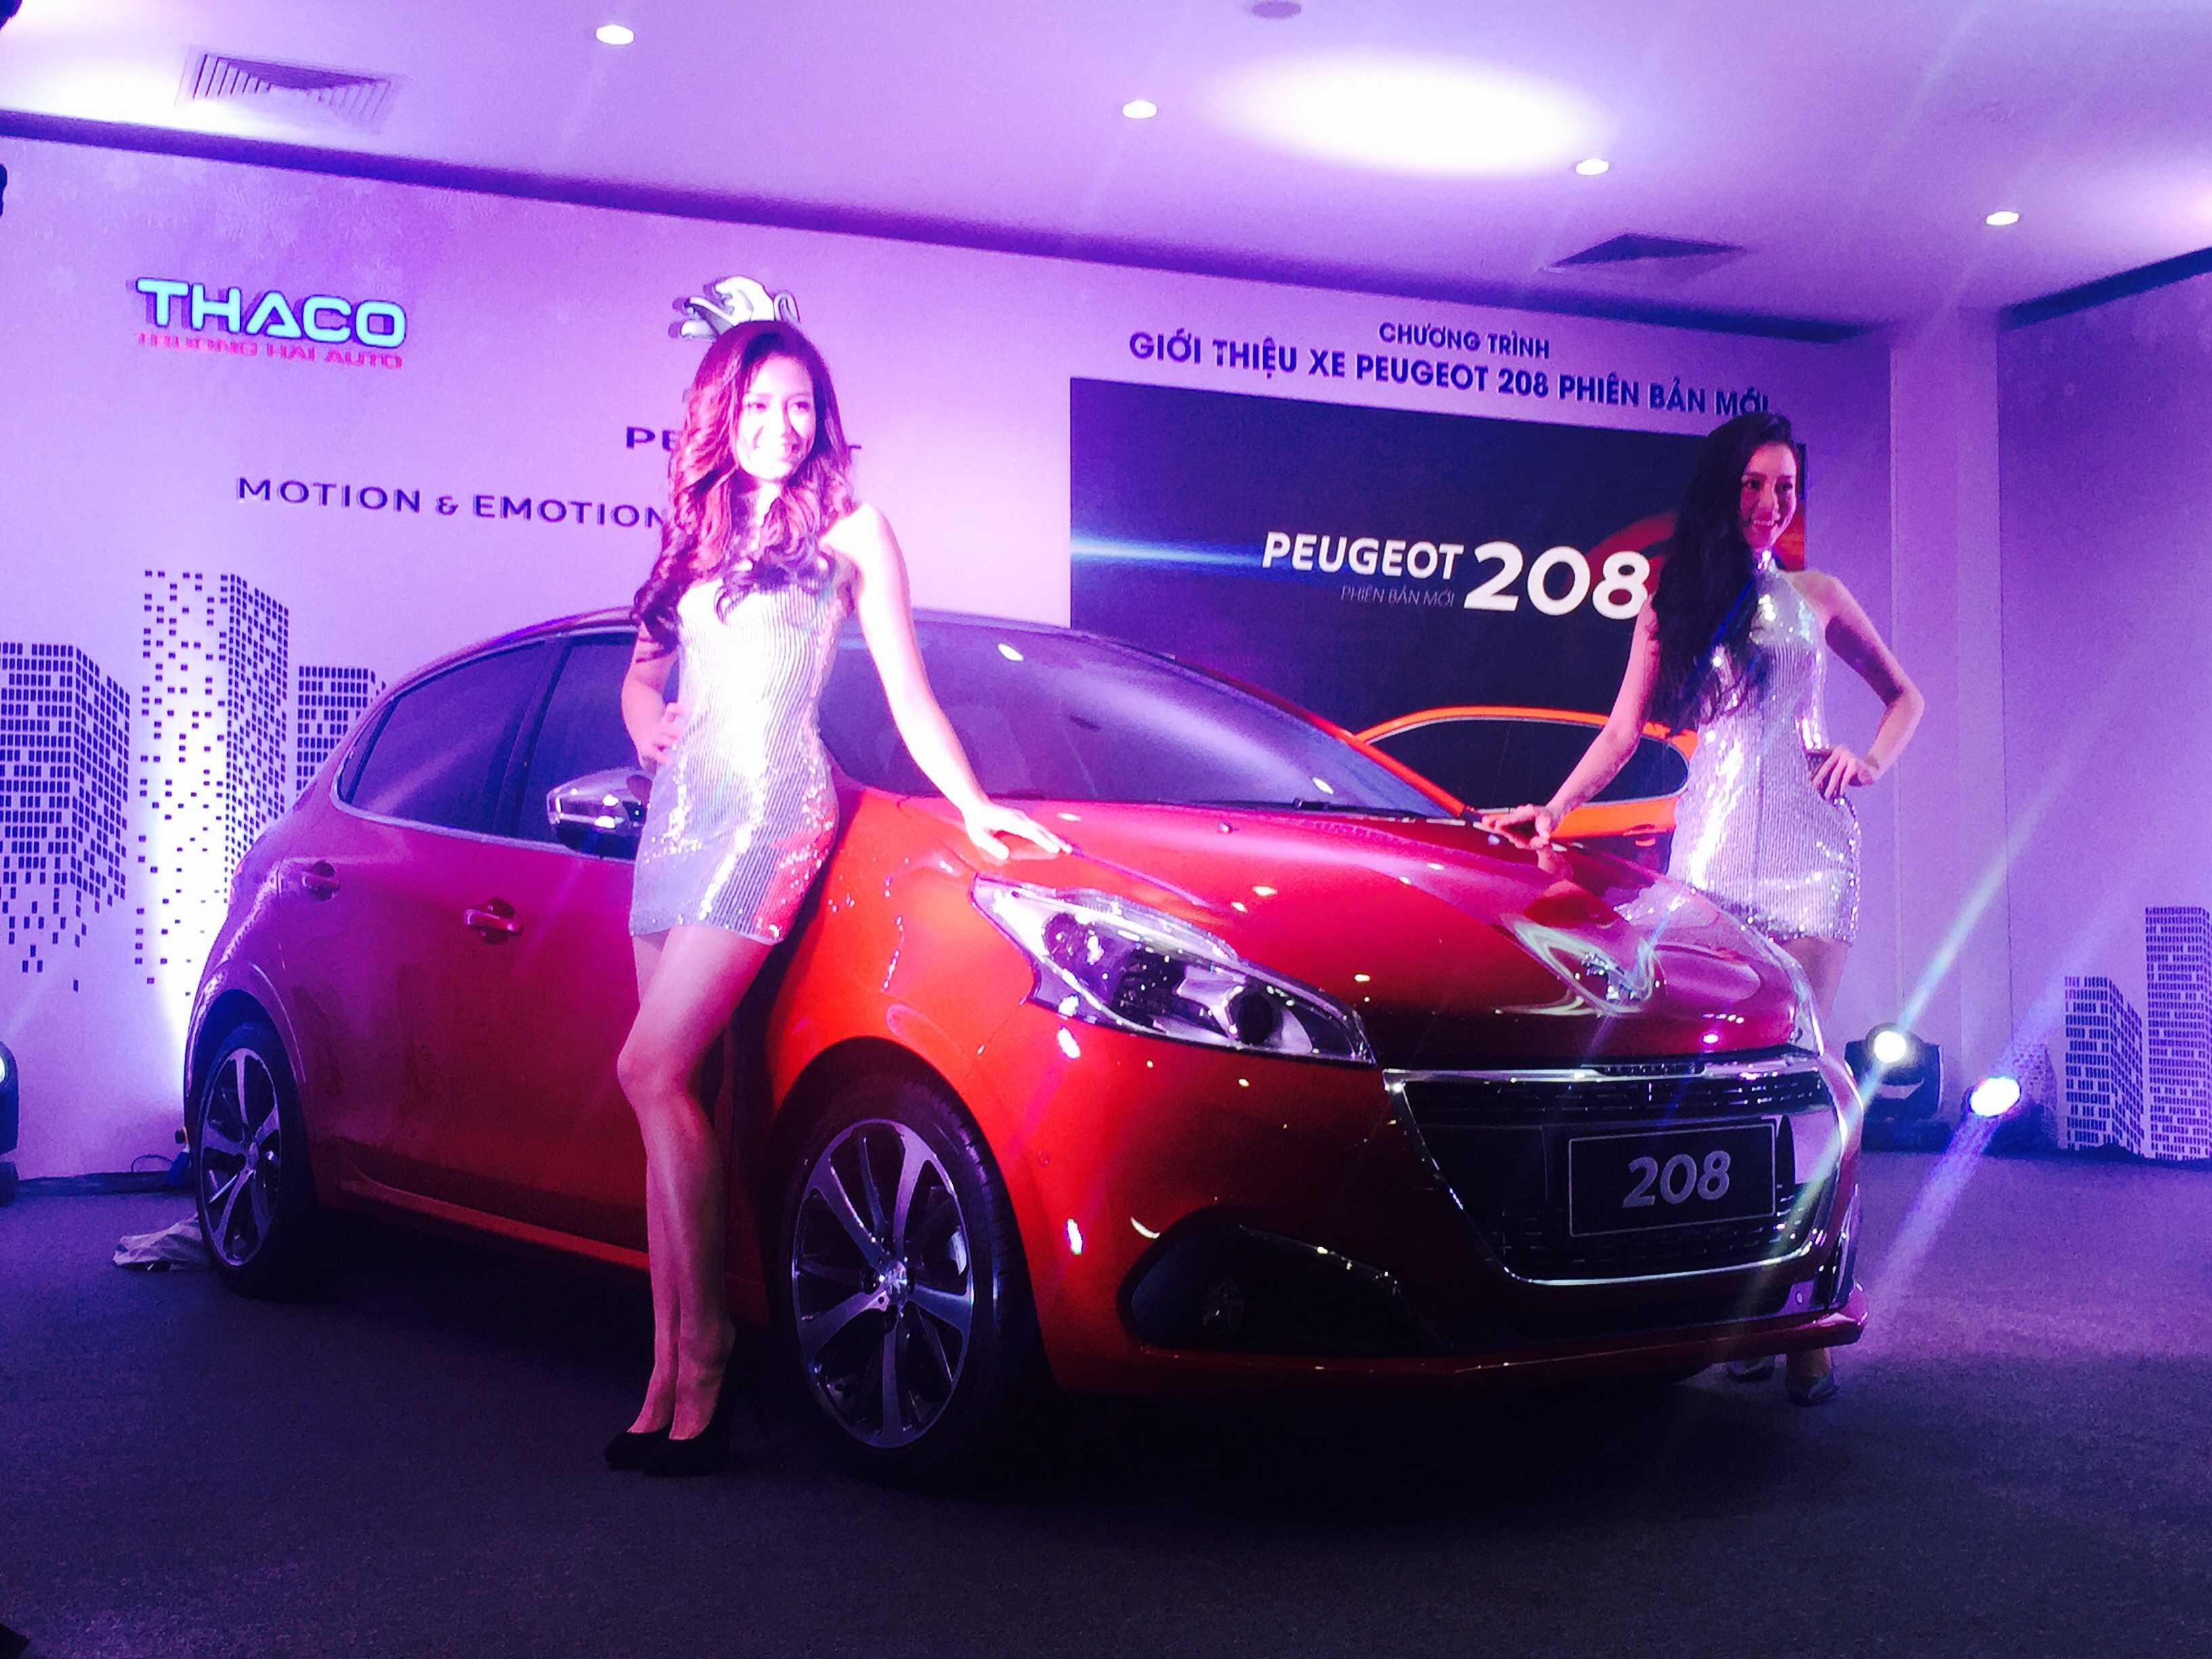 Peugeot 208 mới với nhiều thay đổi về trang bị công nghệ